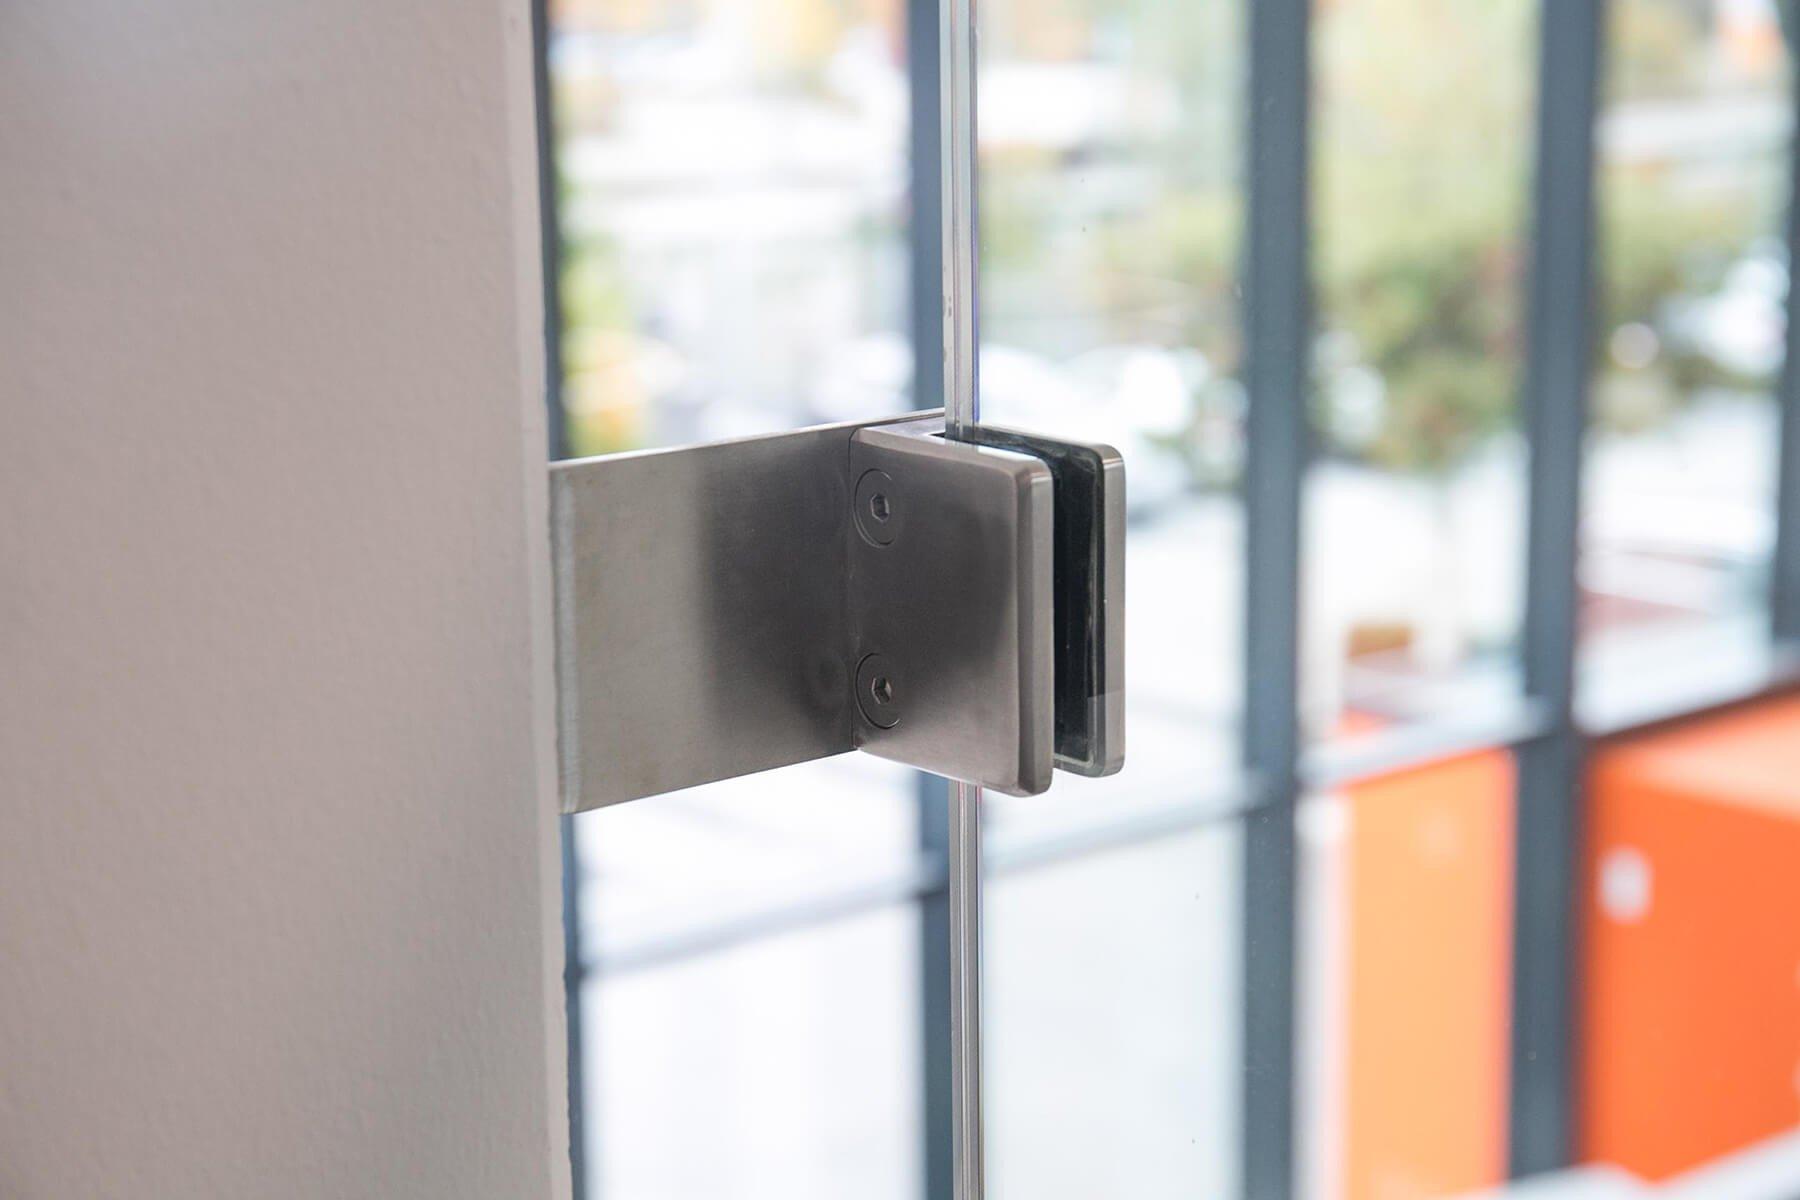 Stabilisierung der Glasbrüstung durch eine extra Glasklemme aus Edelstahl